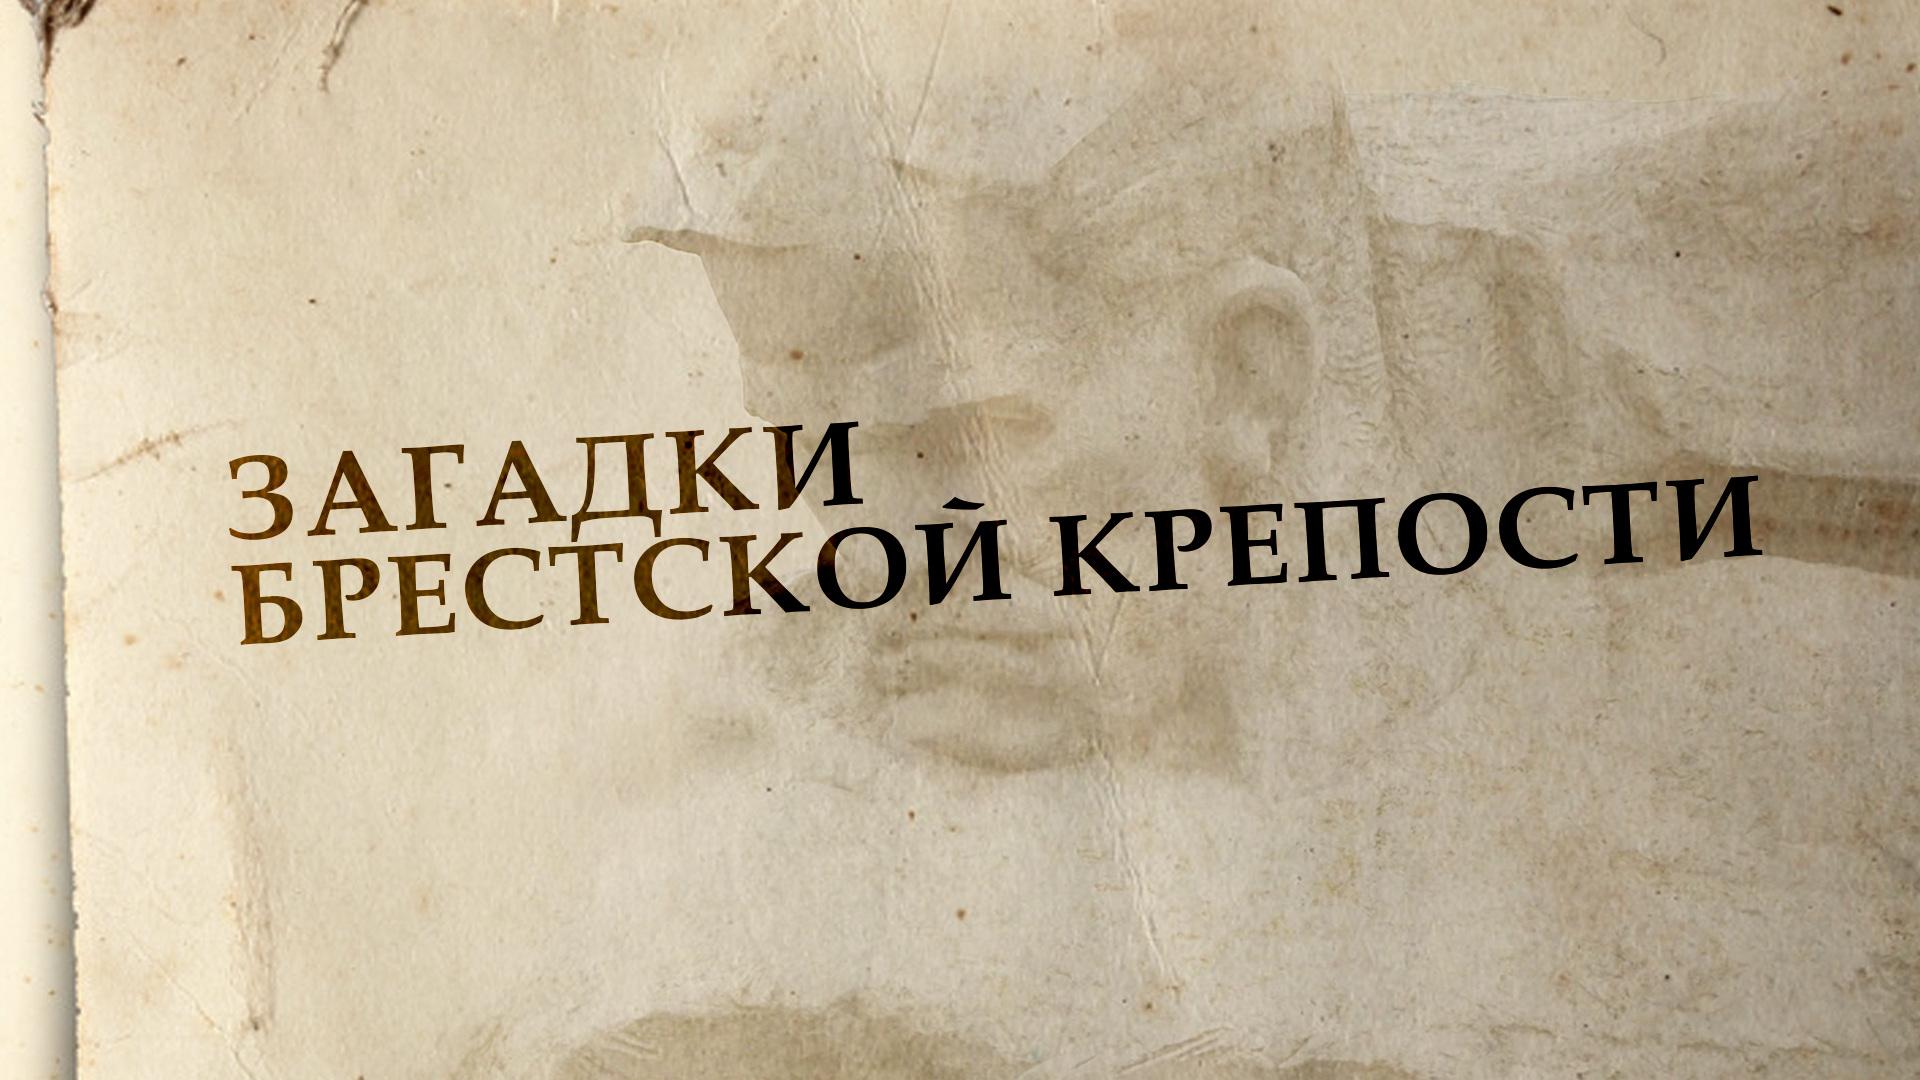 Загадки Брестской крепости